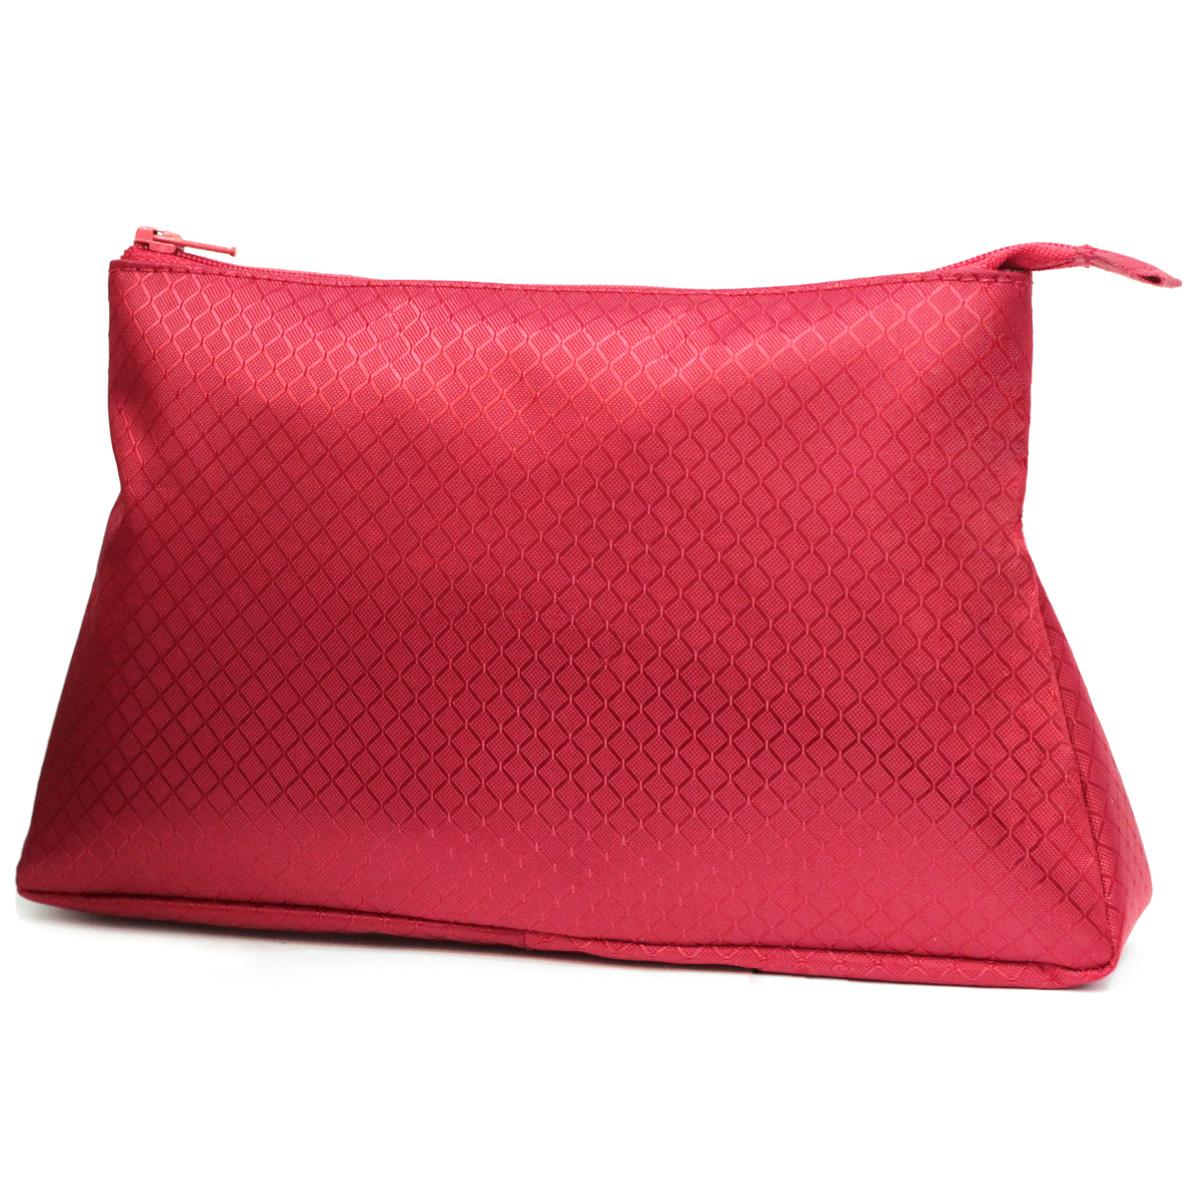 Косметичка Dimanche, цвет: красный. 280INT-06501Стильная косметичка Dimanche выполнена из текстиля. Косметичка на подкладке, закрывается на молнию, объемная, мягкая, внутри одно большое отделение. Объемное дно и удобная застежка делают аксессуар универсальным в повседневном использовании. Характеристики: Цвет: красный. Материал: металл, текстиль. Размер косметички: 23 см x 15 см x 6 см. Производитель: Россия. Артикул: 280.